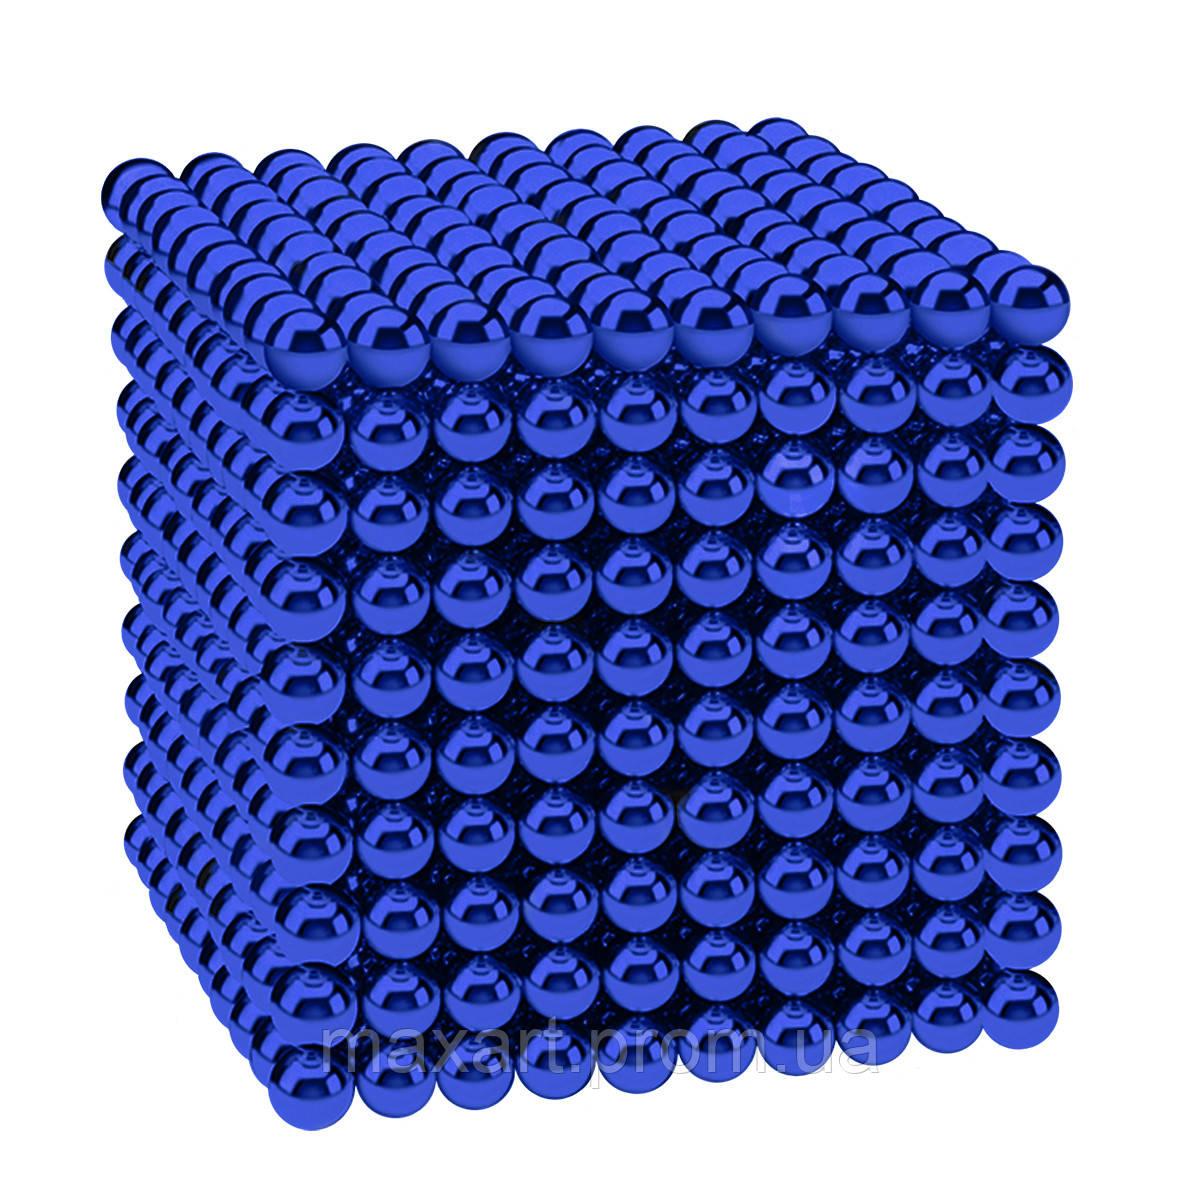 Магнитные шарики-головоломка SKY NEOCUBE (D5) комплект (1000 шт) Blue